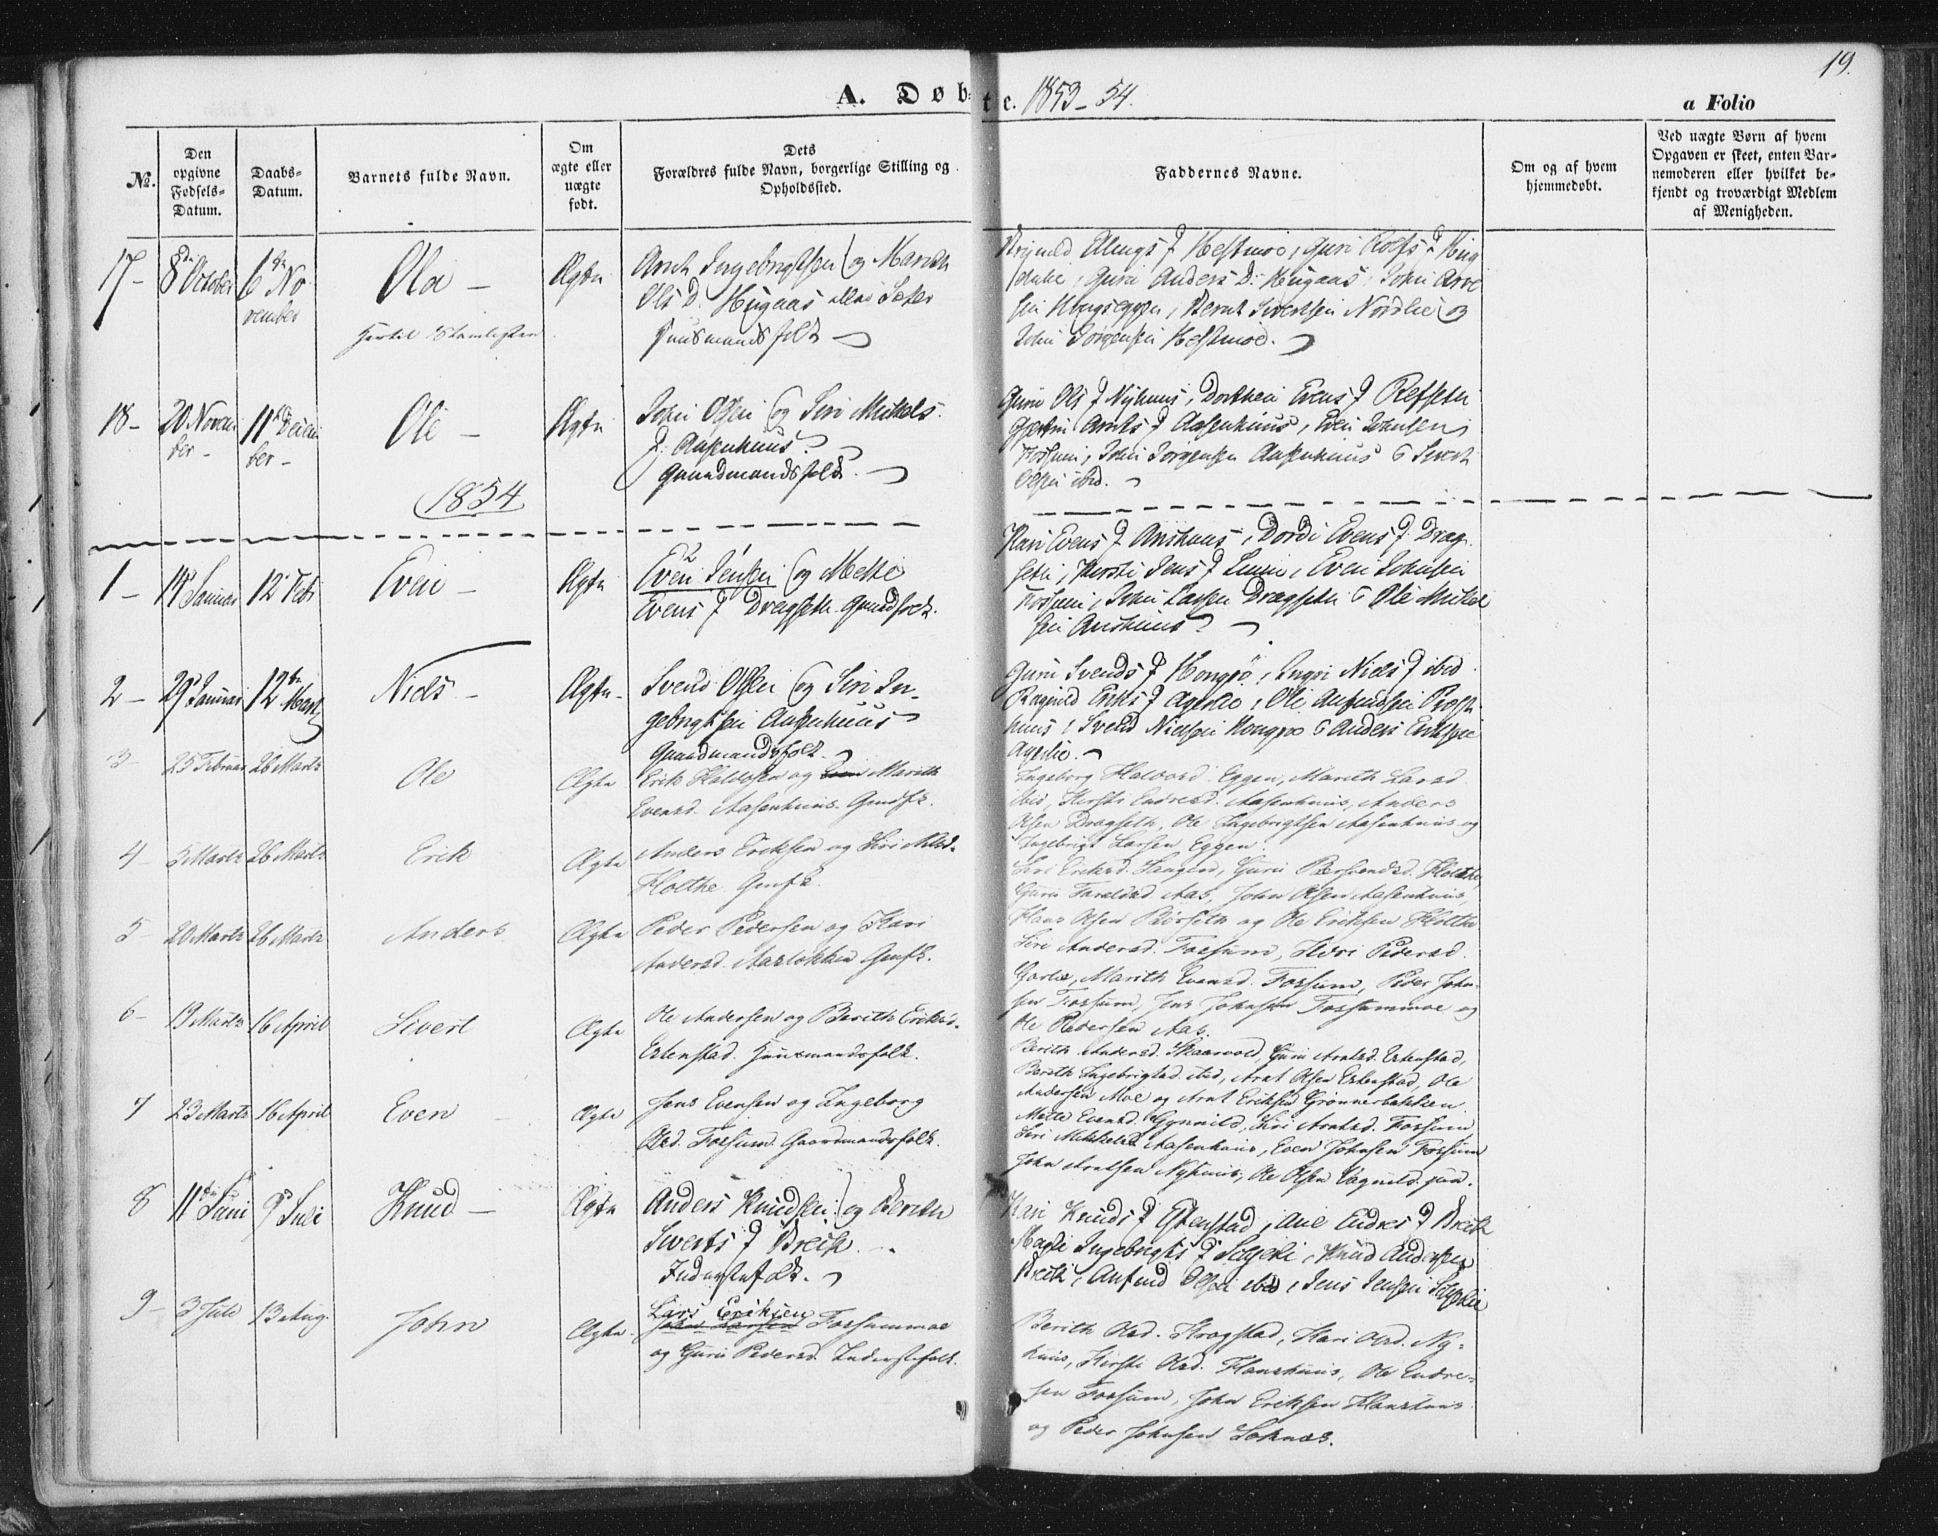 SAT, Ministerialprotokoller, klokkerbøker og fødselsregistre - Sør-Trøndelag, 689/L1038: Ministerialbok nr. 689A03, 1848-1872, s. 19